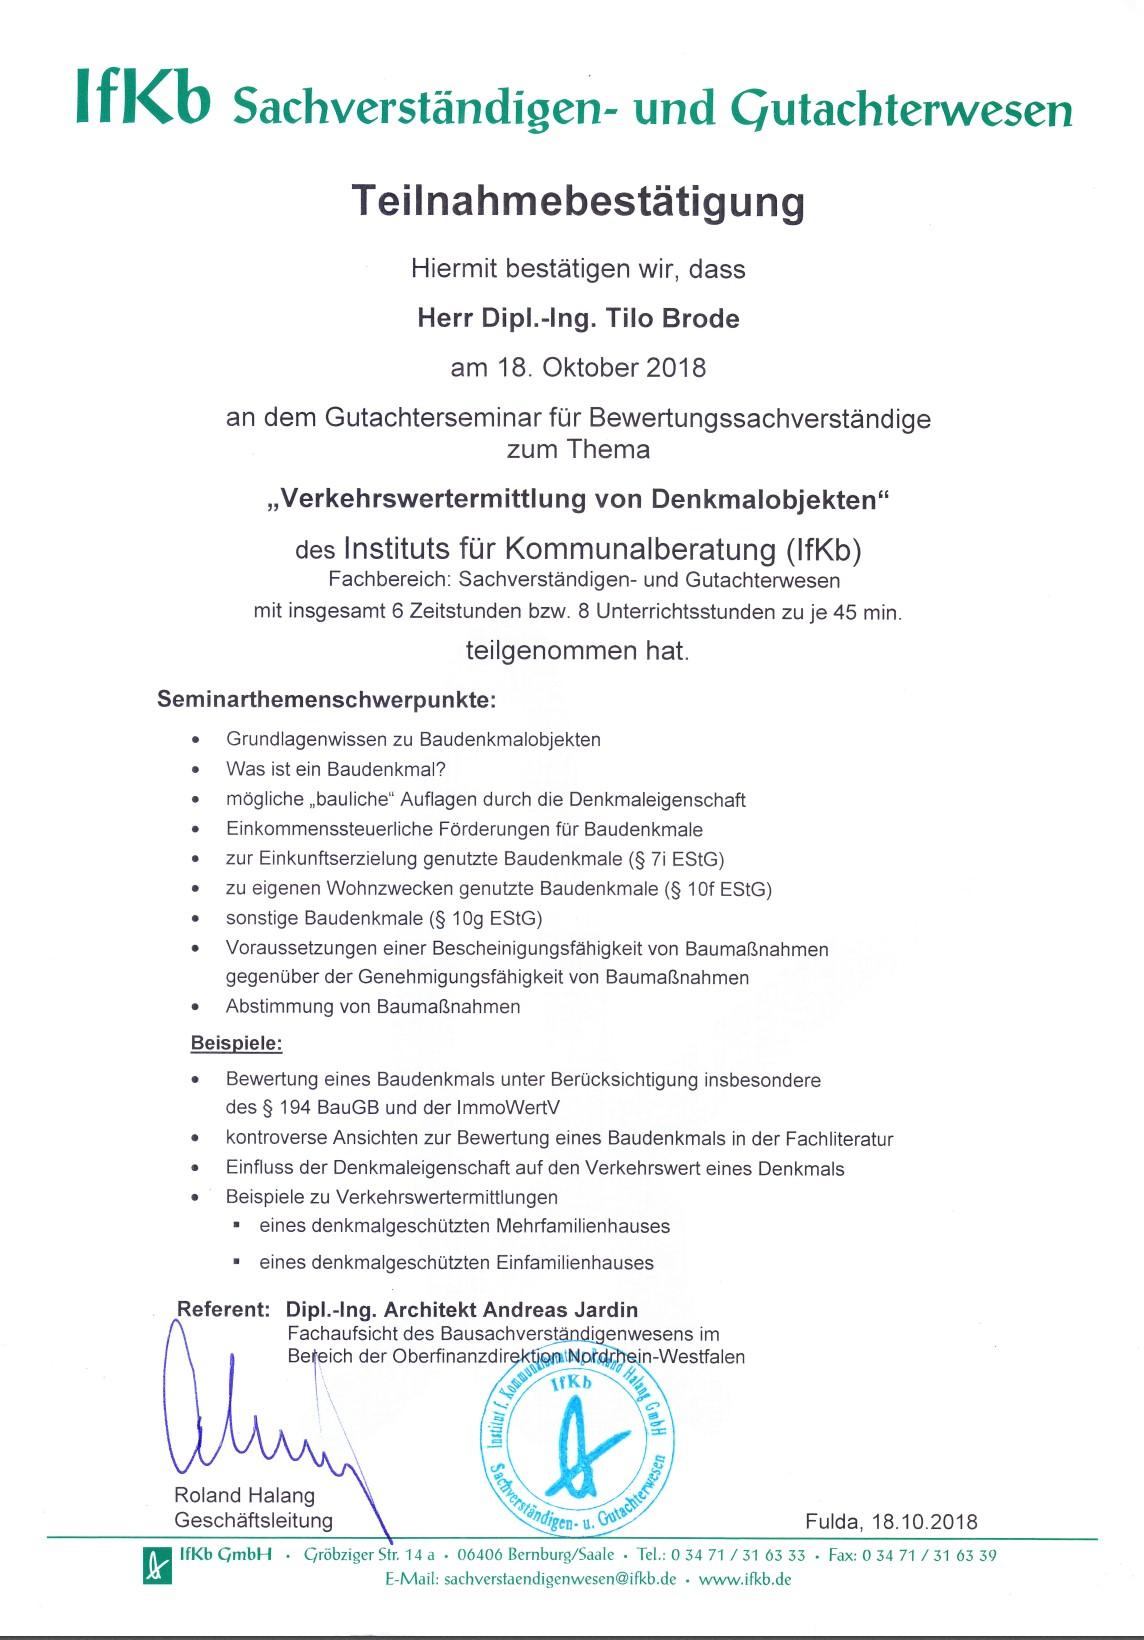 Teilnahmebescheinigung am Seminar Bewertung von Denkmälern für Gutachter Brode